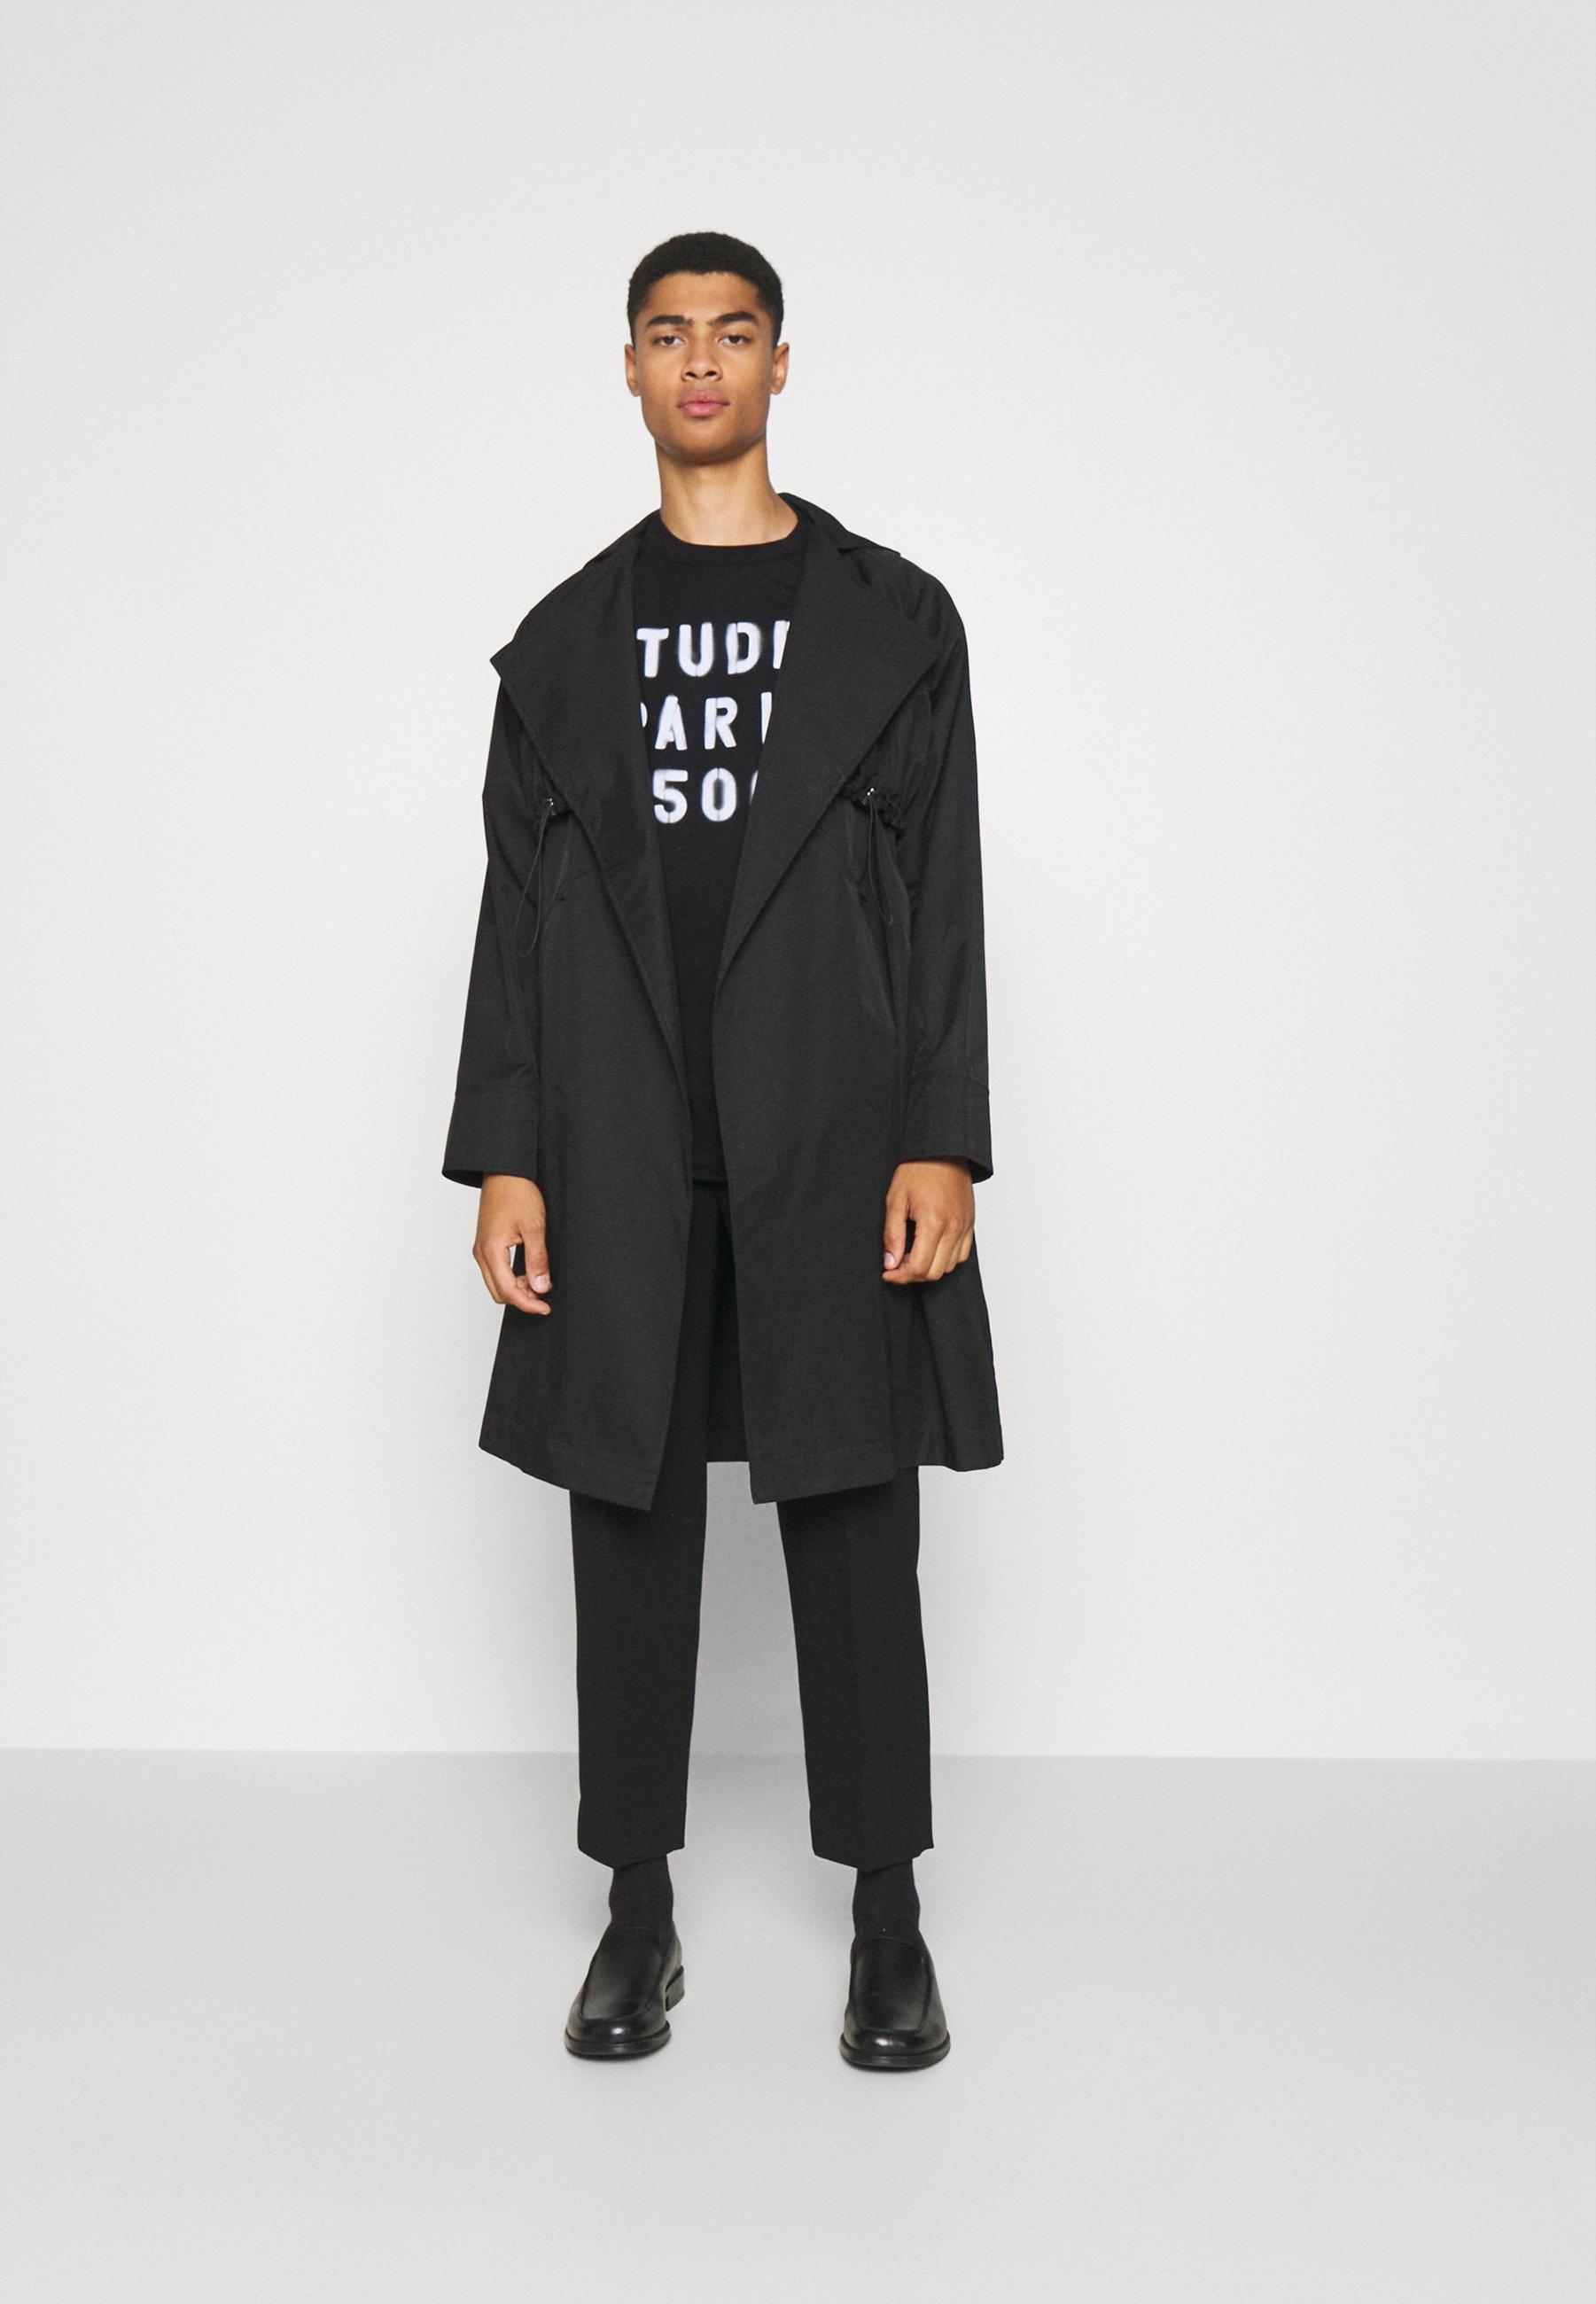 Homme MUSEUM STENCIL UNISEX - T-shirt imprimé